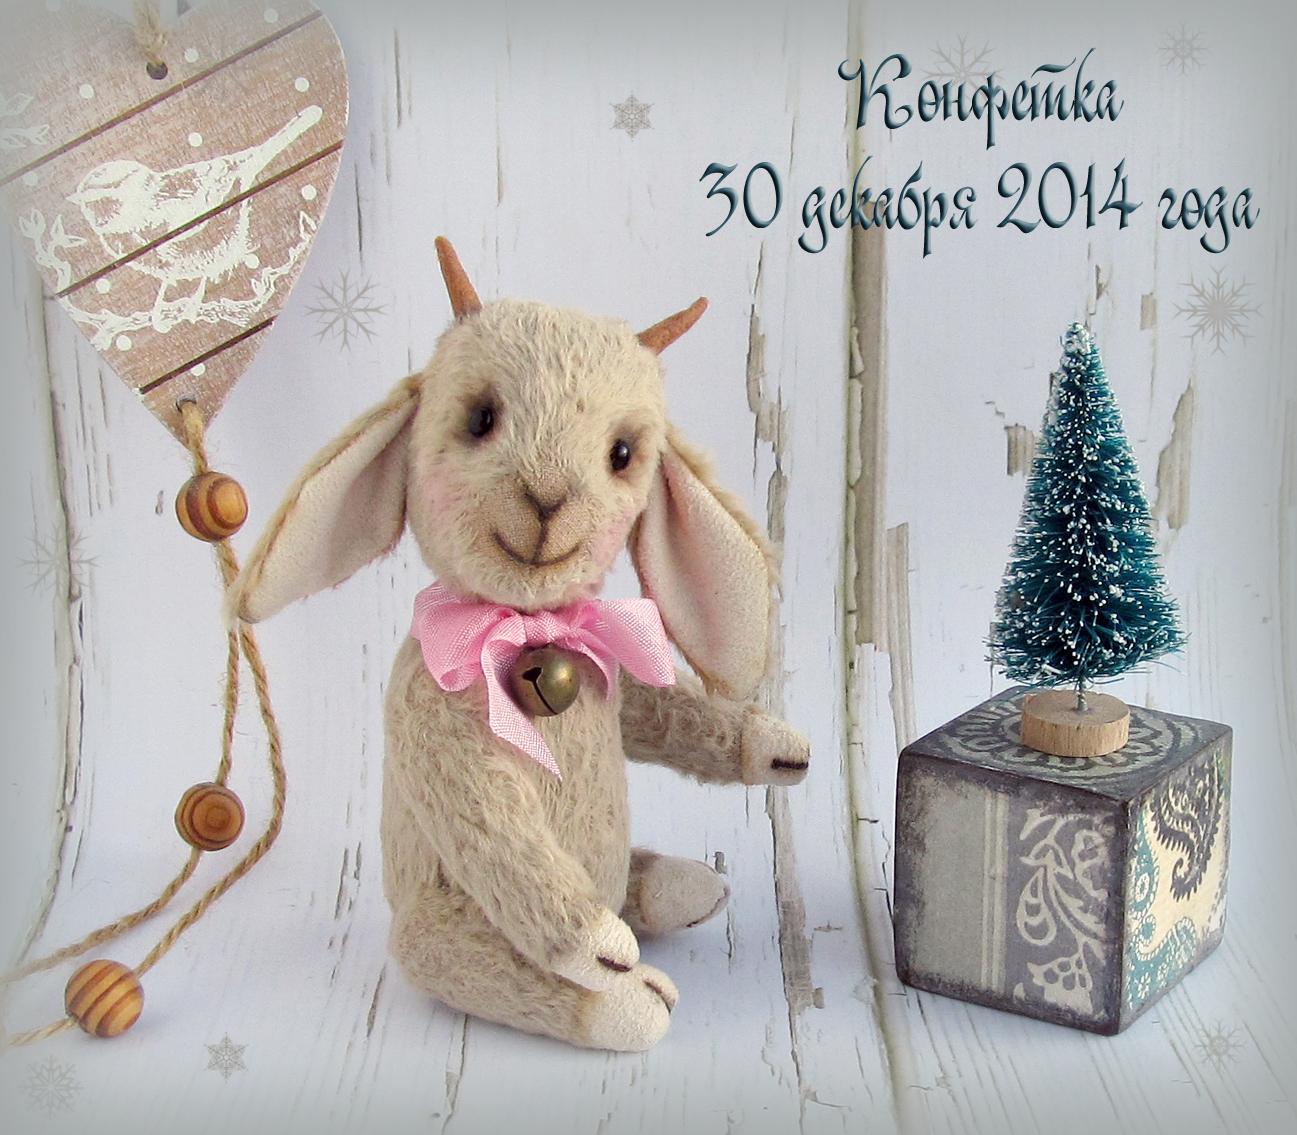 Моя конфетка до 30.12.2014